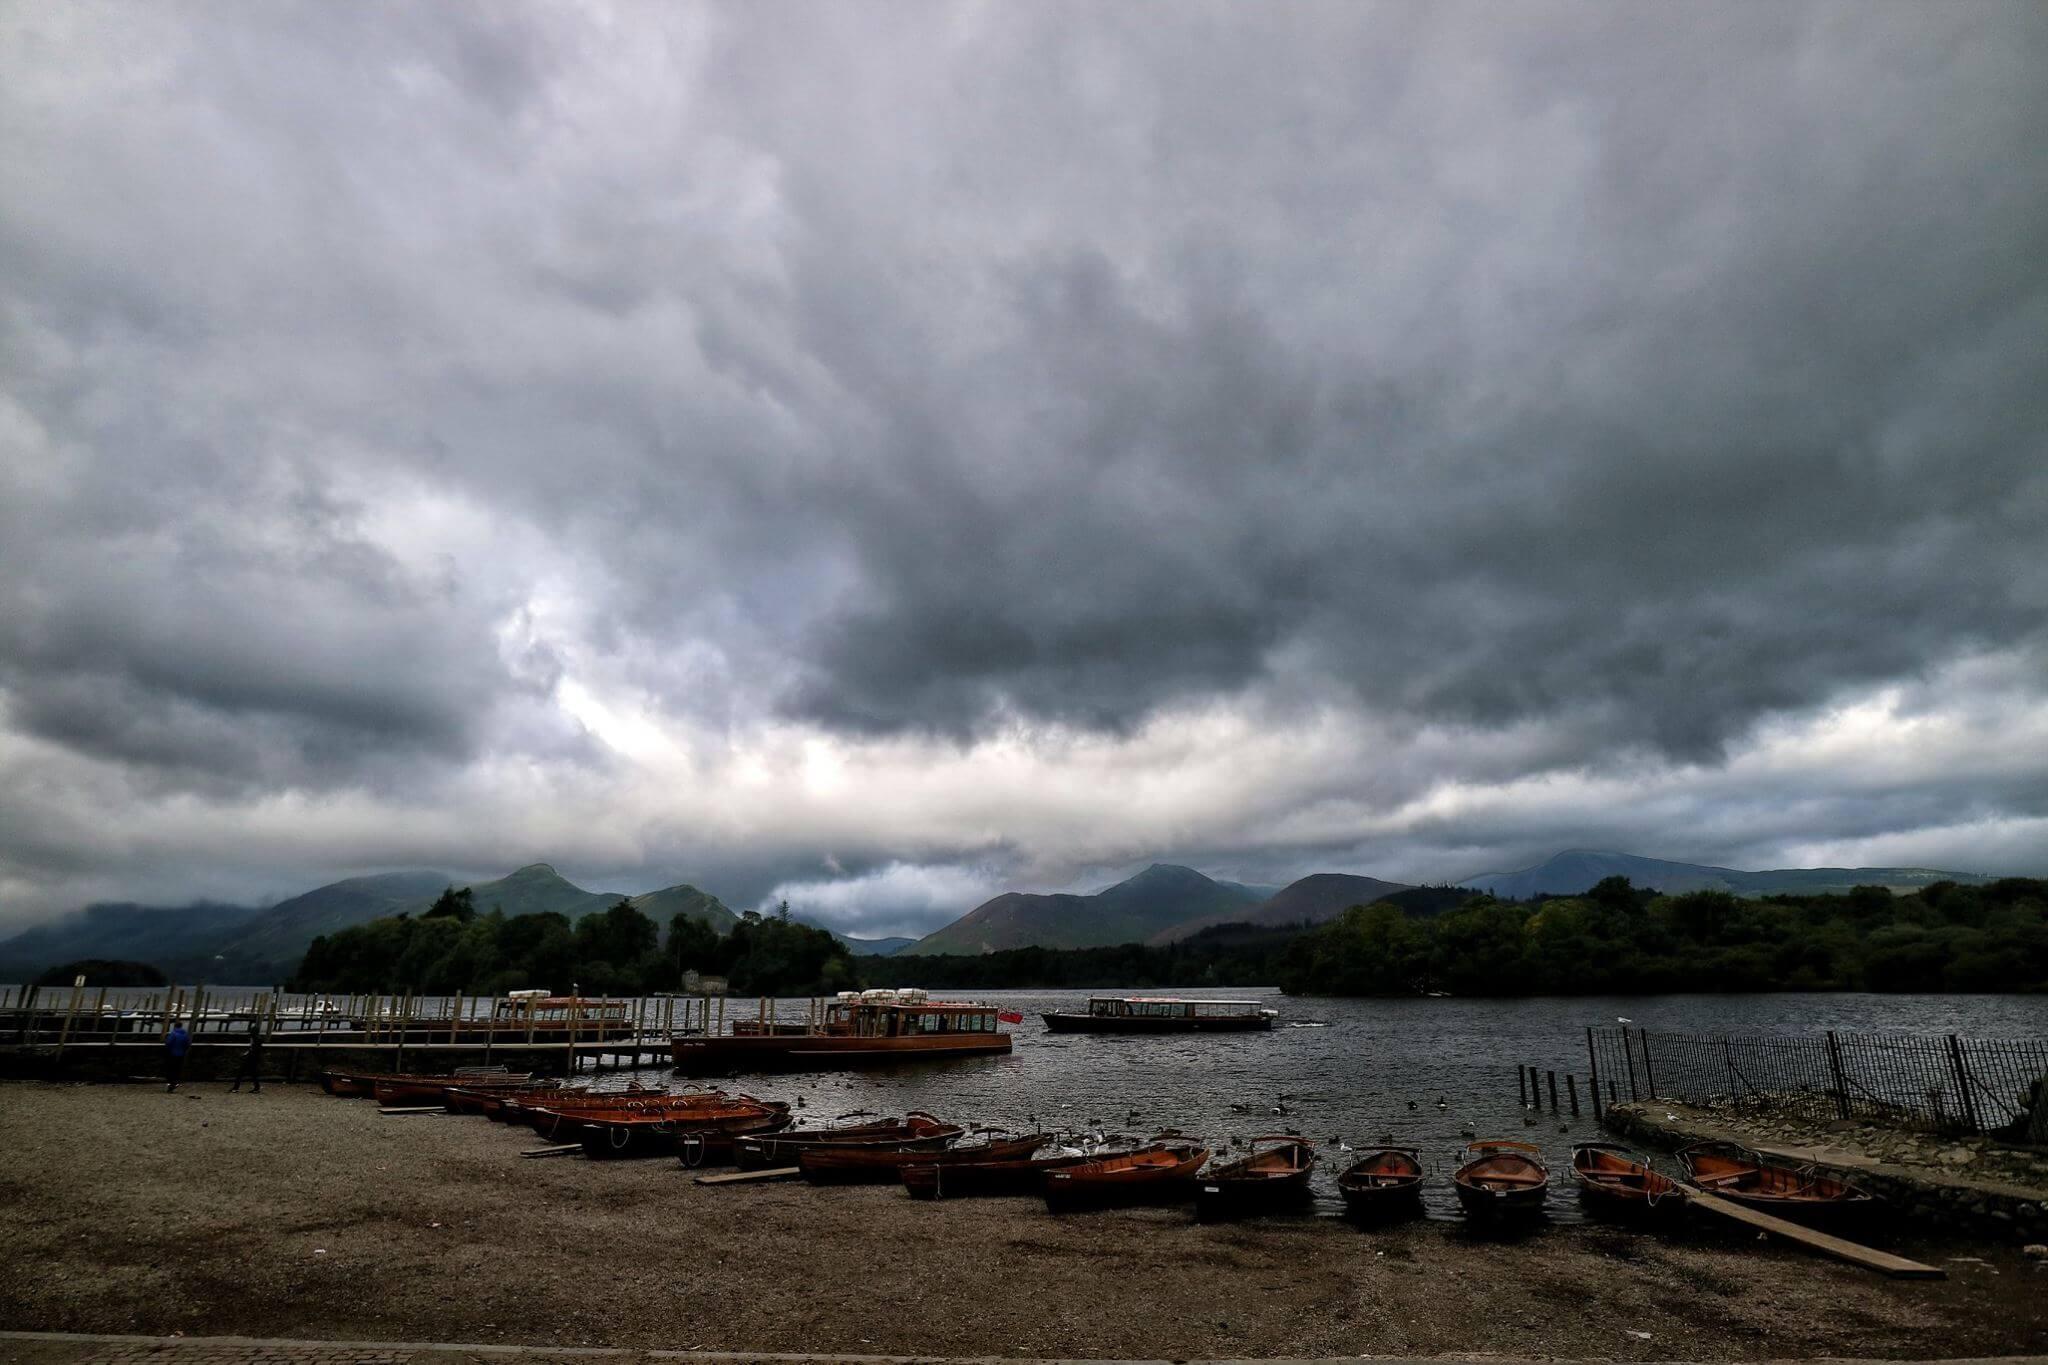 derwent-cloudy